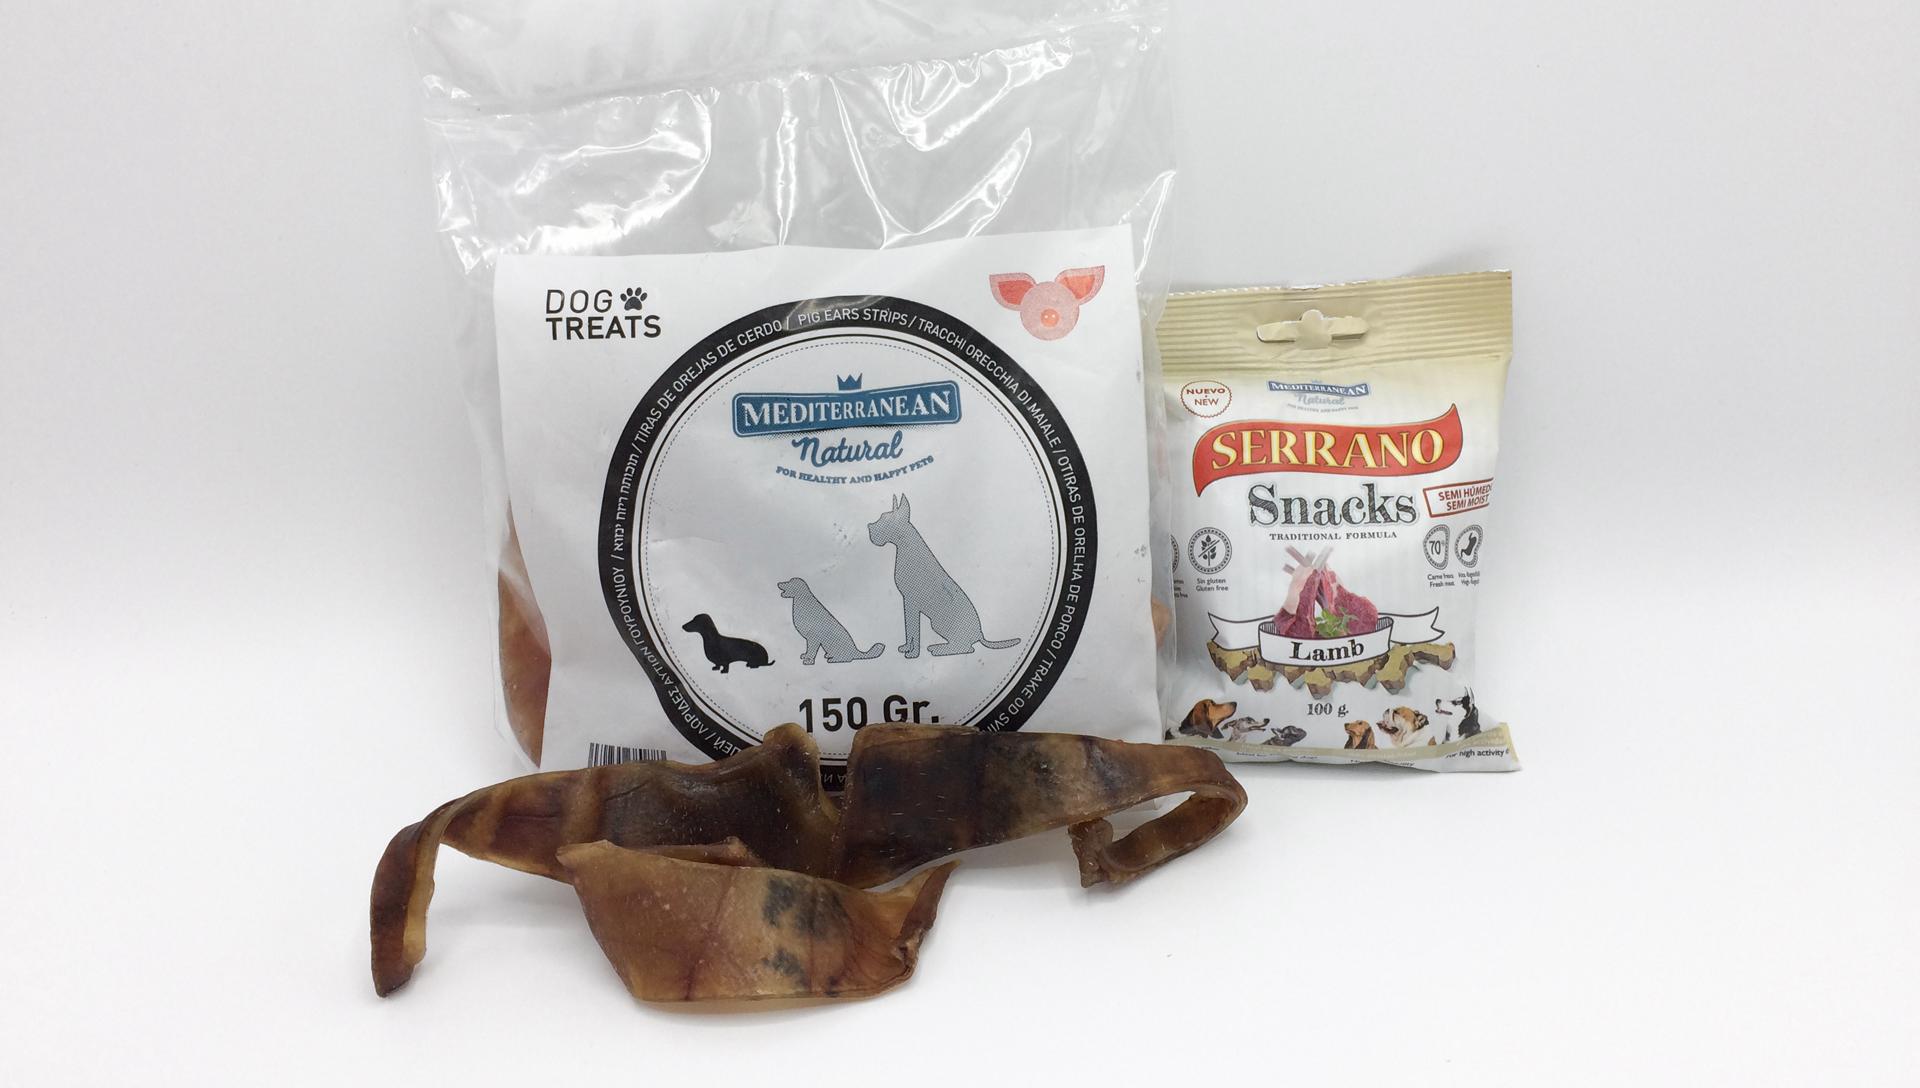 Mediterranean vepřové uši a Serrano Snack